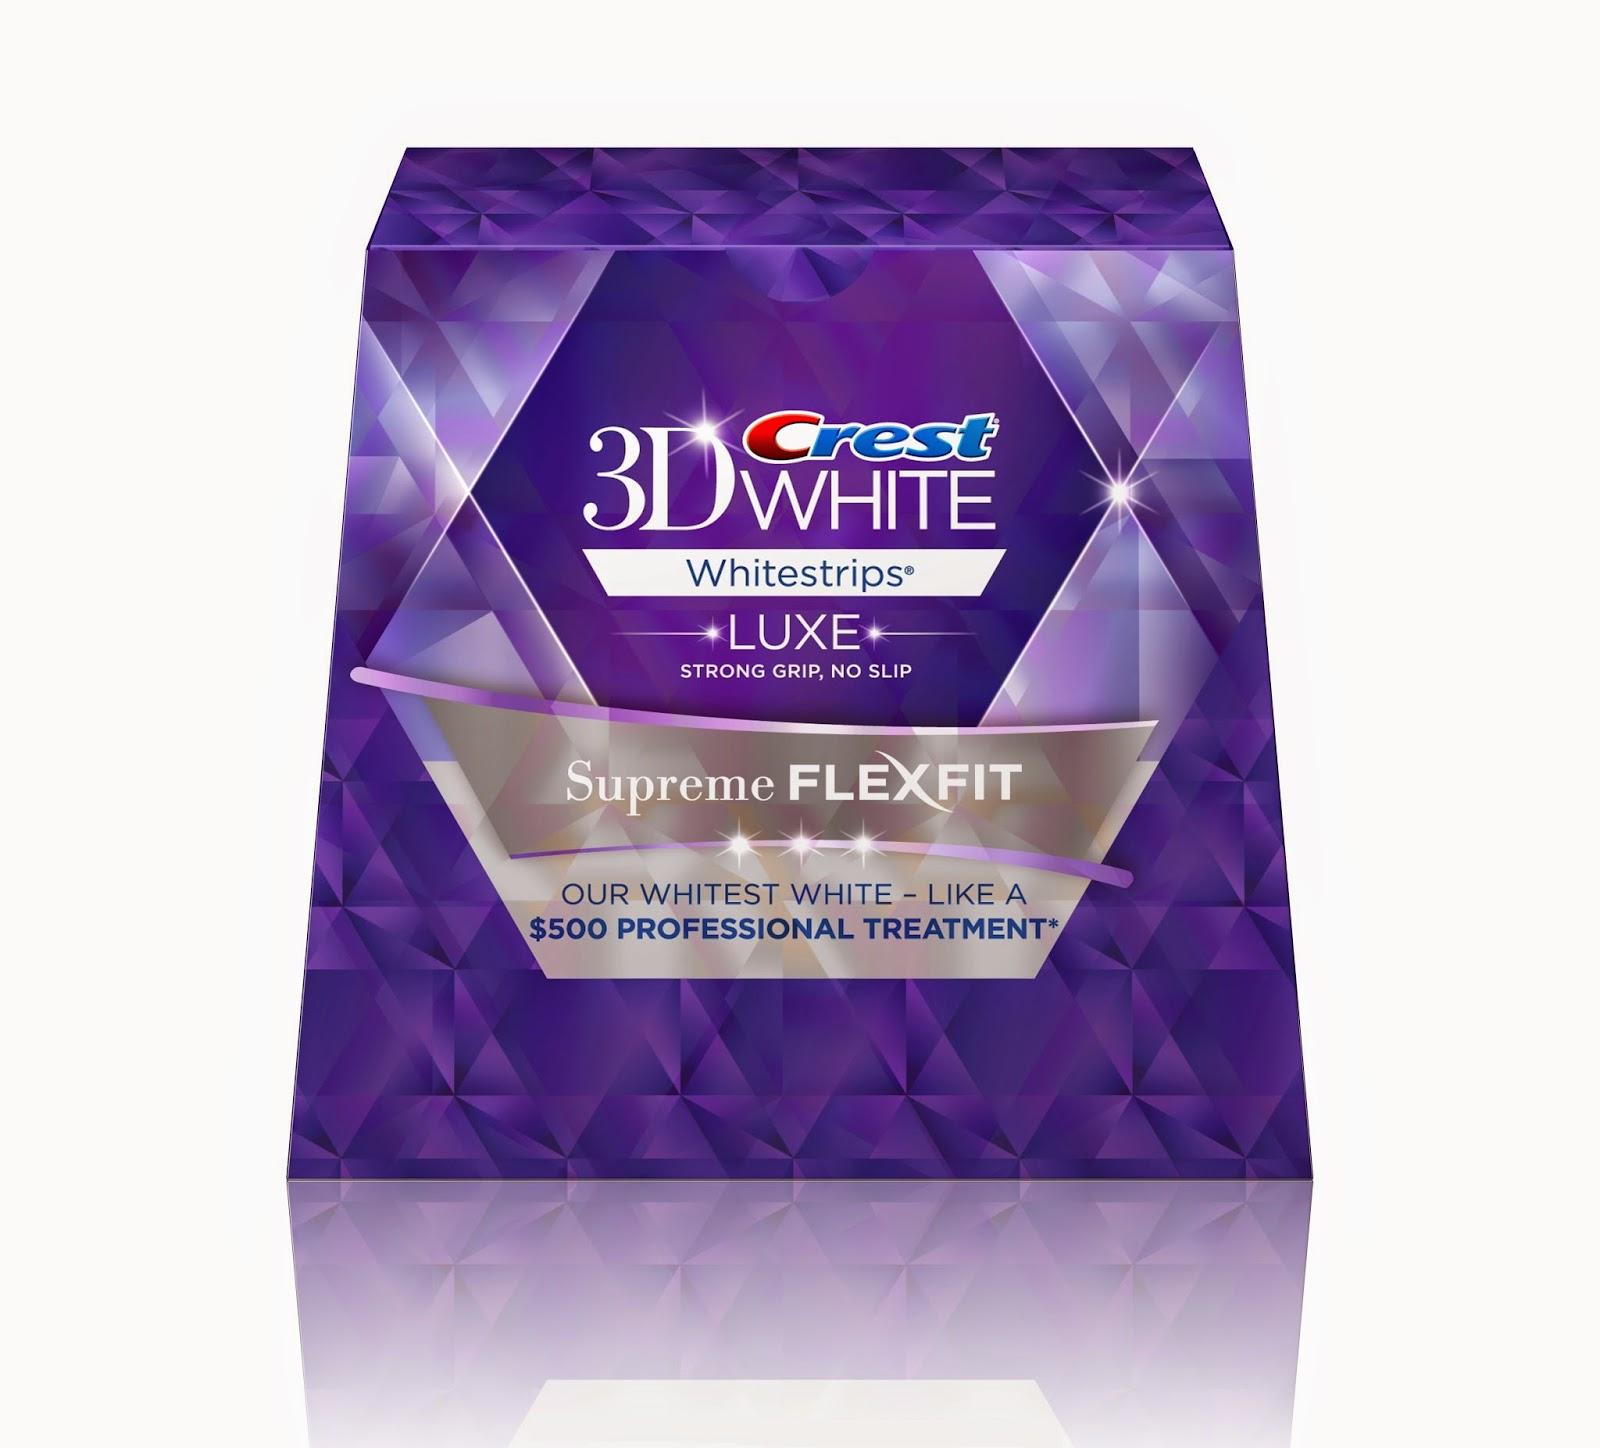 Summer Wind Crest 3d White Whitestrips Luxe Supreme Flexfit